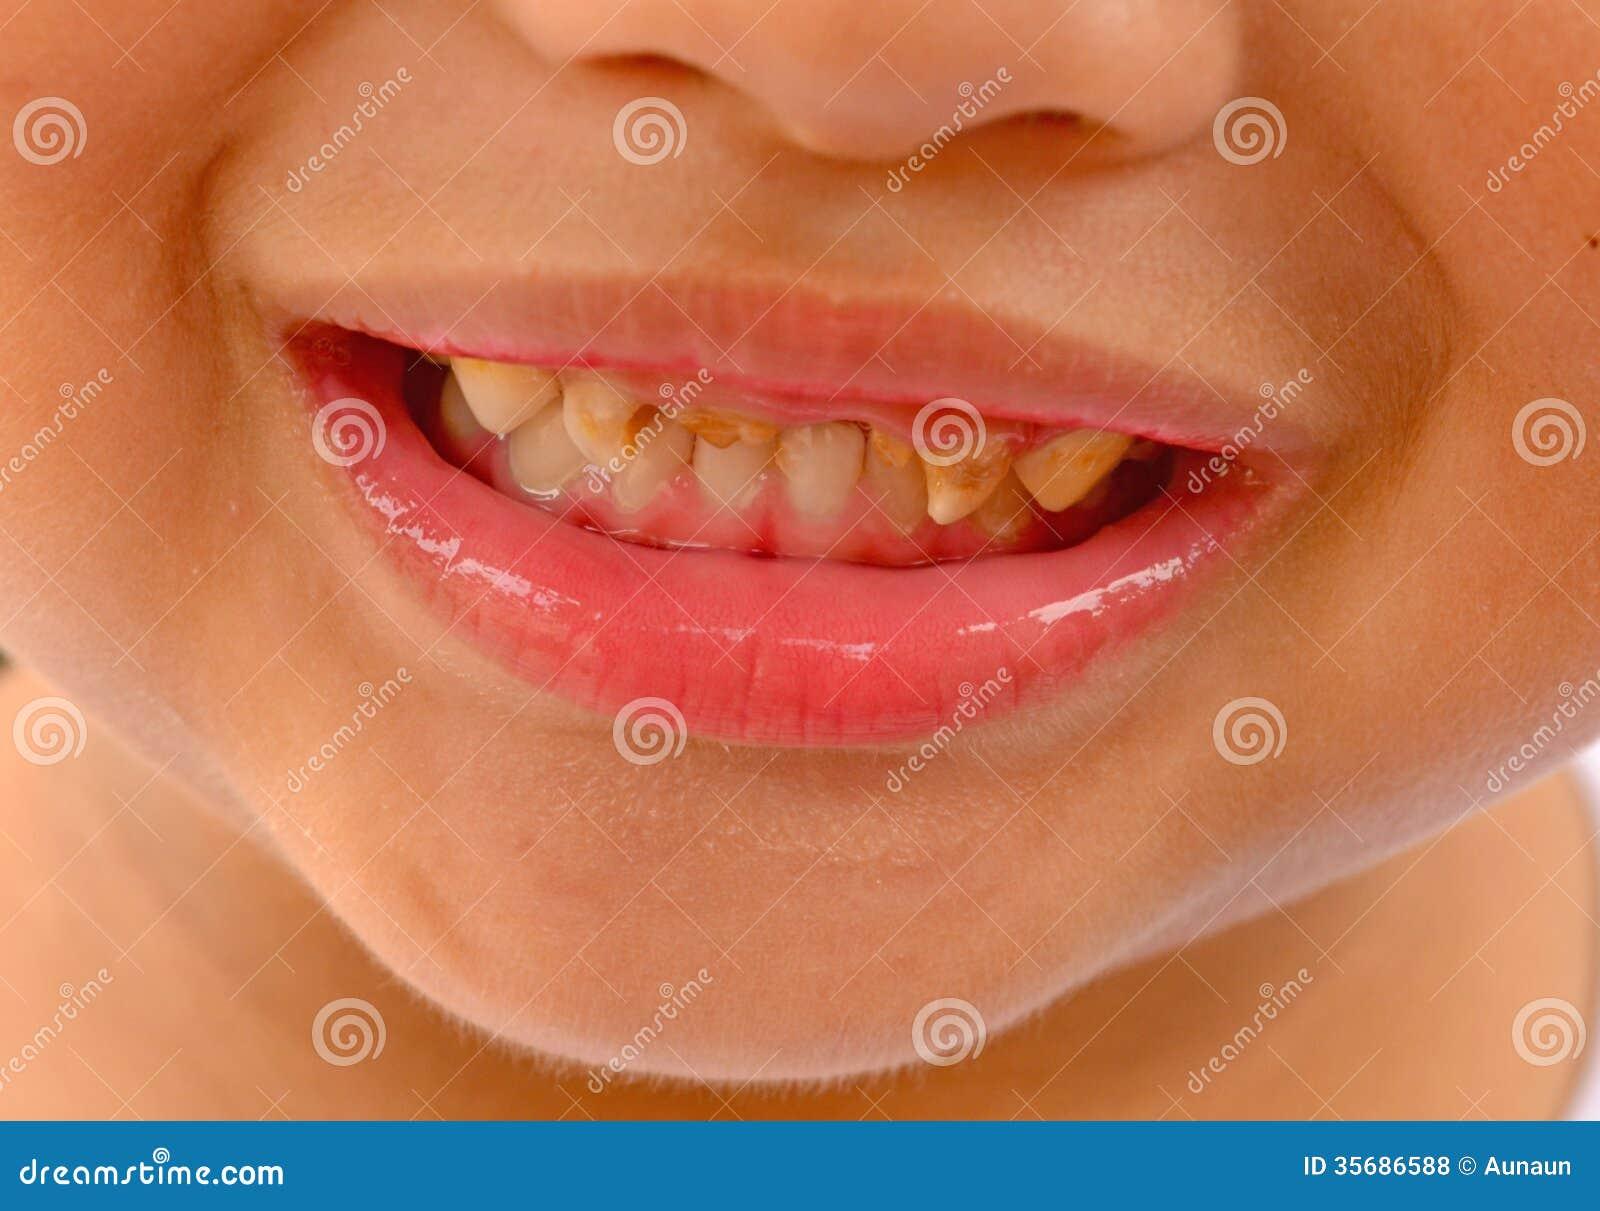 Плохие зубы у ребенка фото